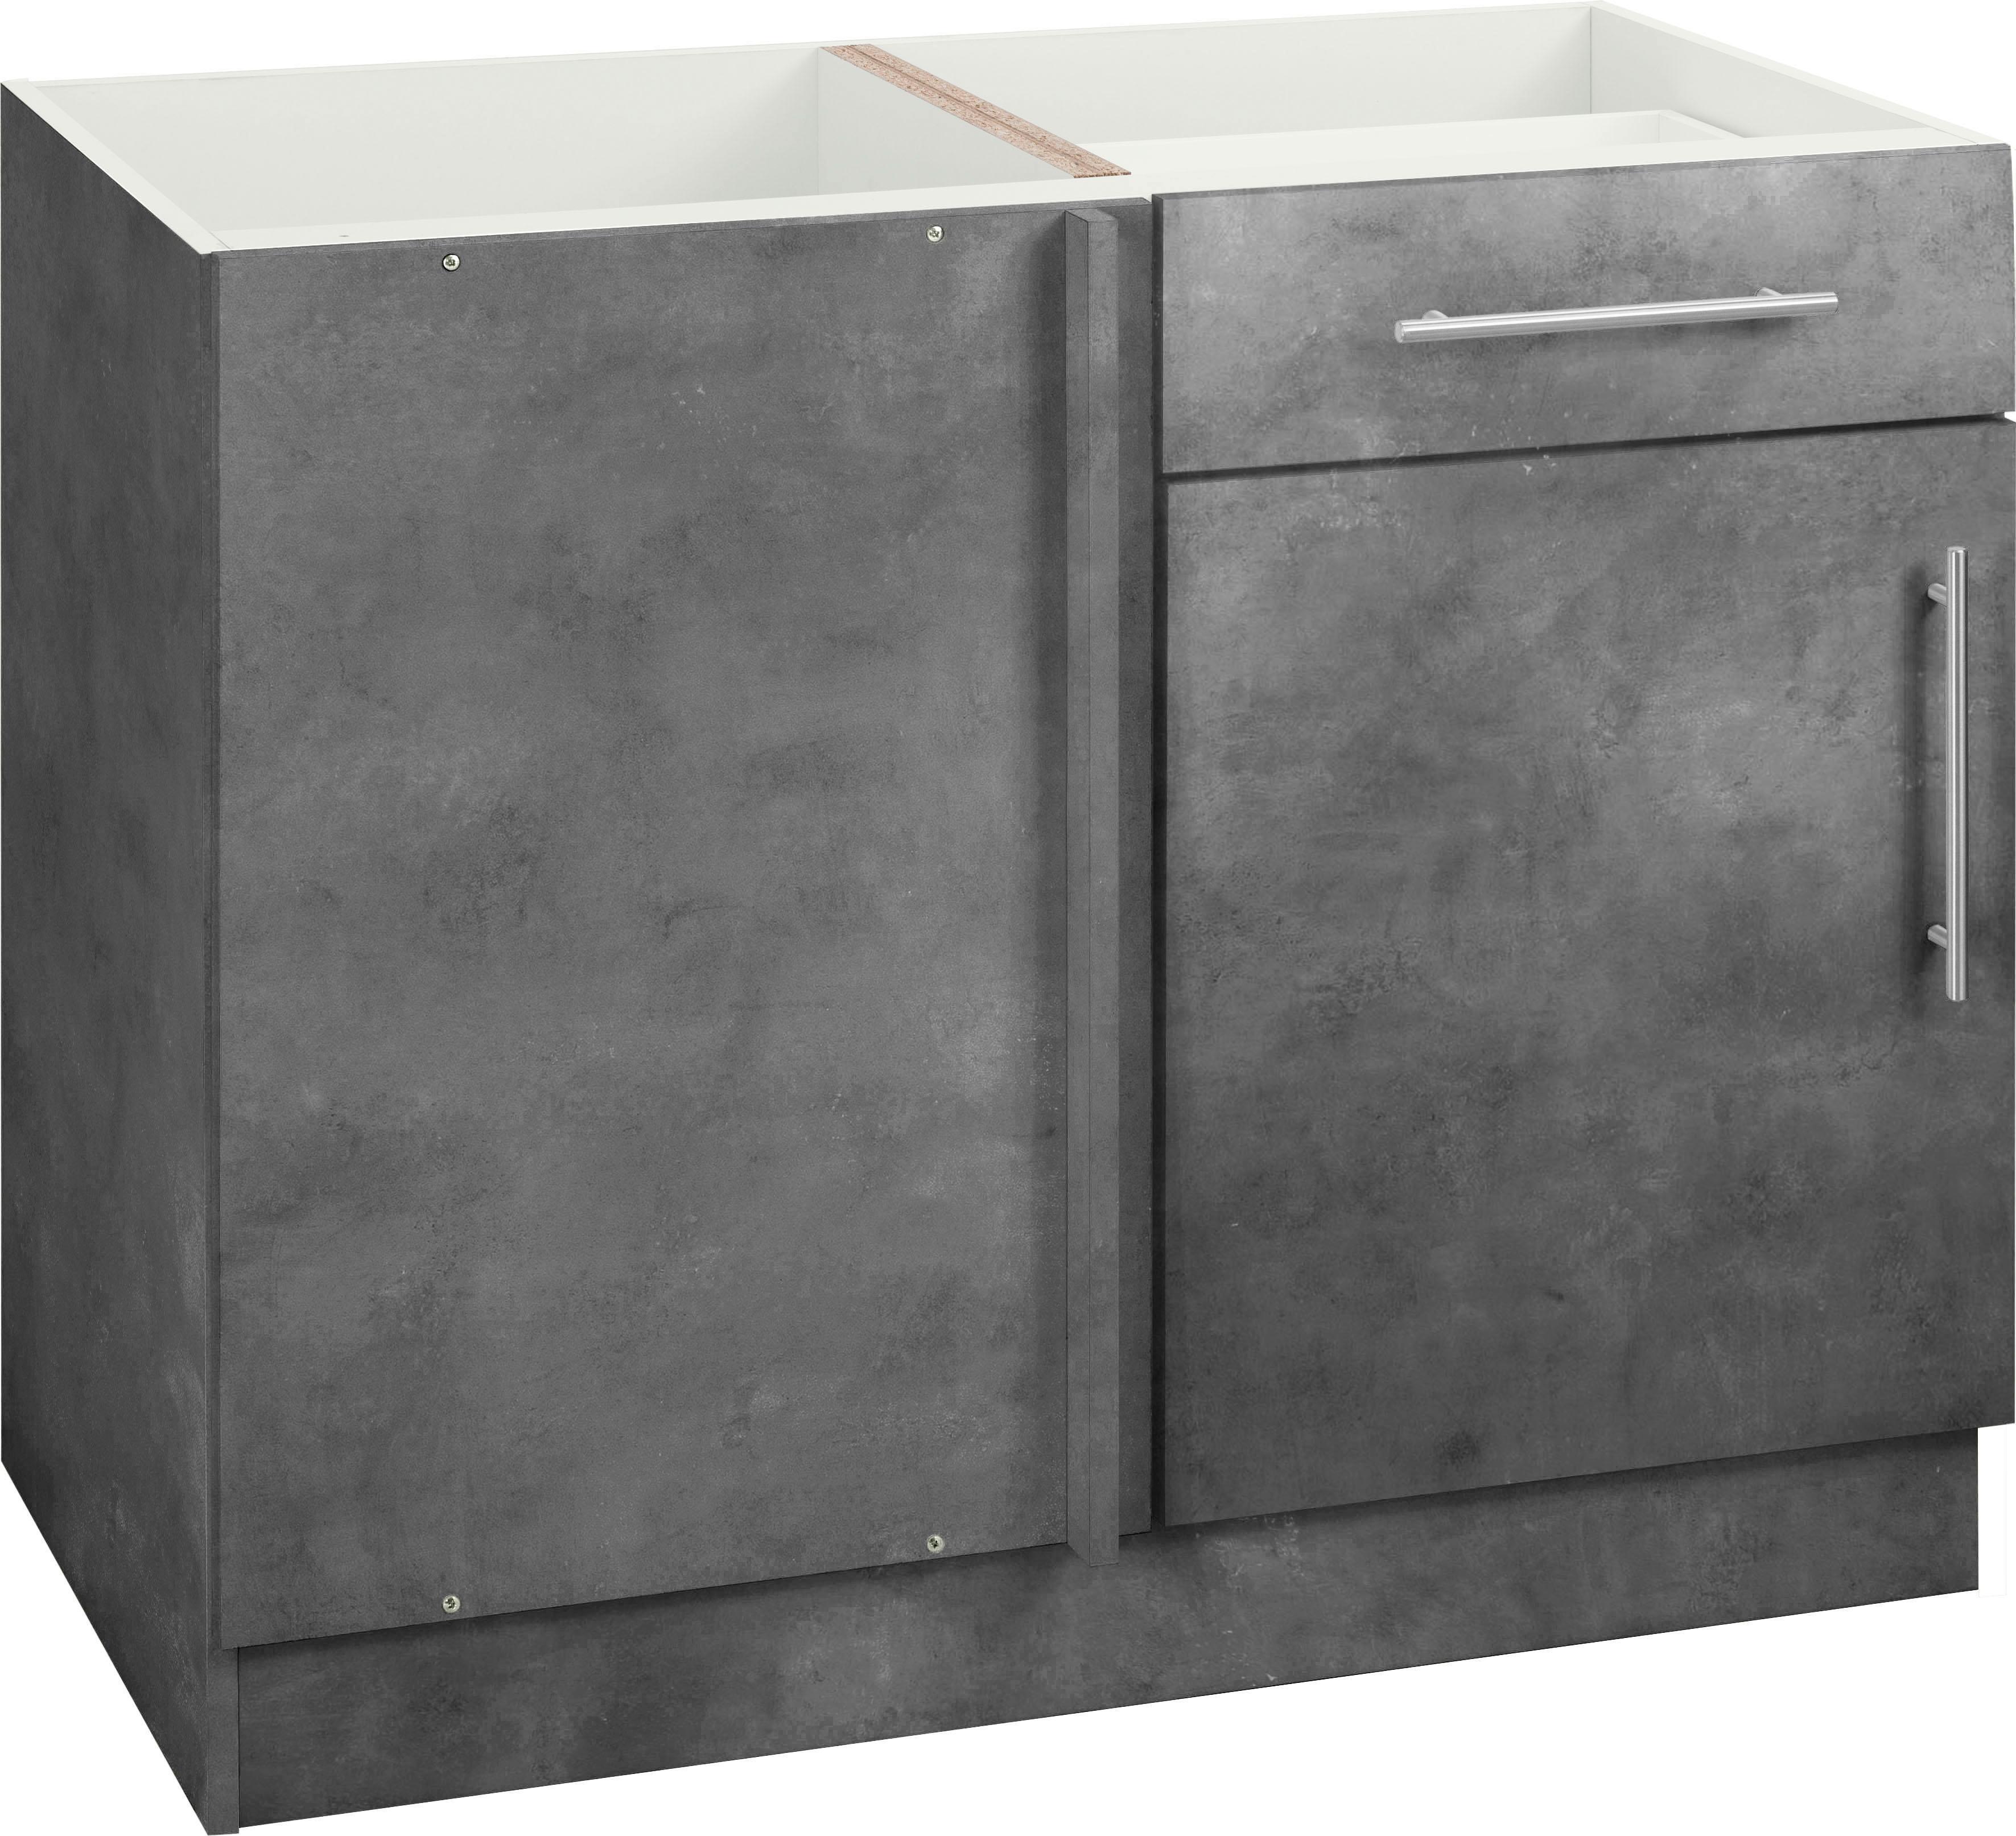 wiho Küchen Eckunterschrank Cali | Küche und Esszimmer > Küchenschränke > Küchen-Unterschränke | Wiho Küchen